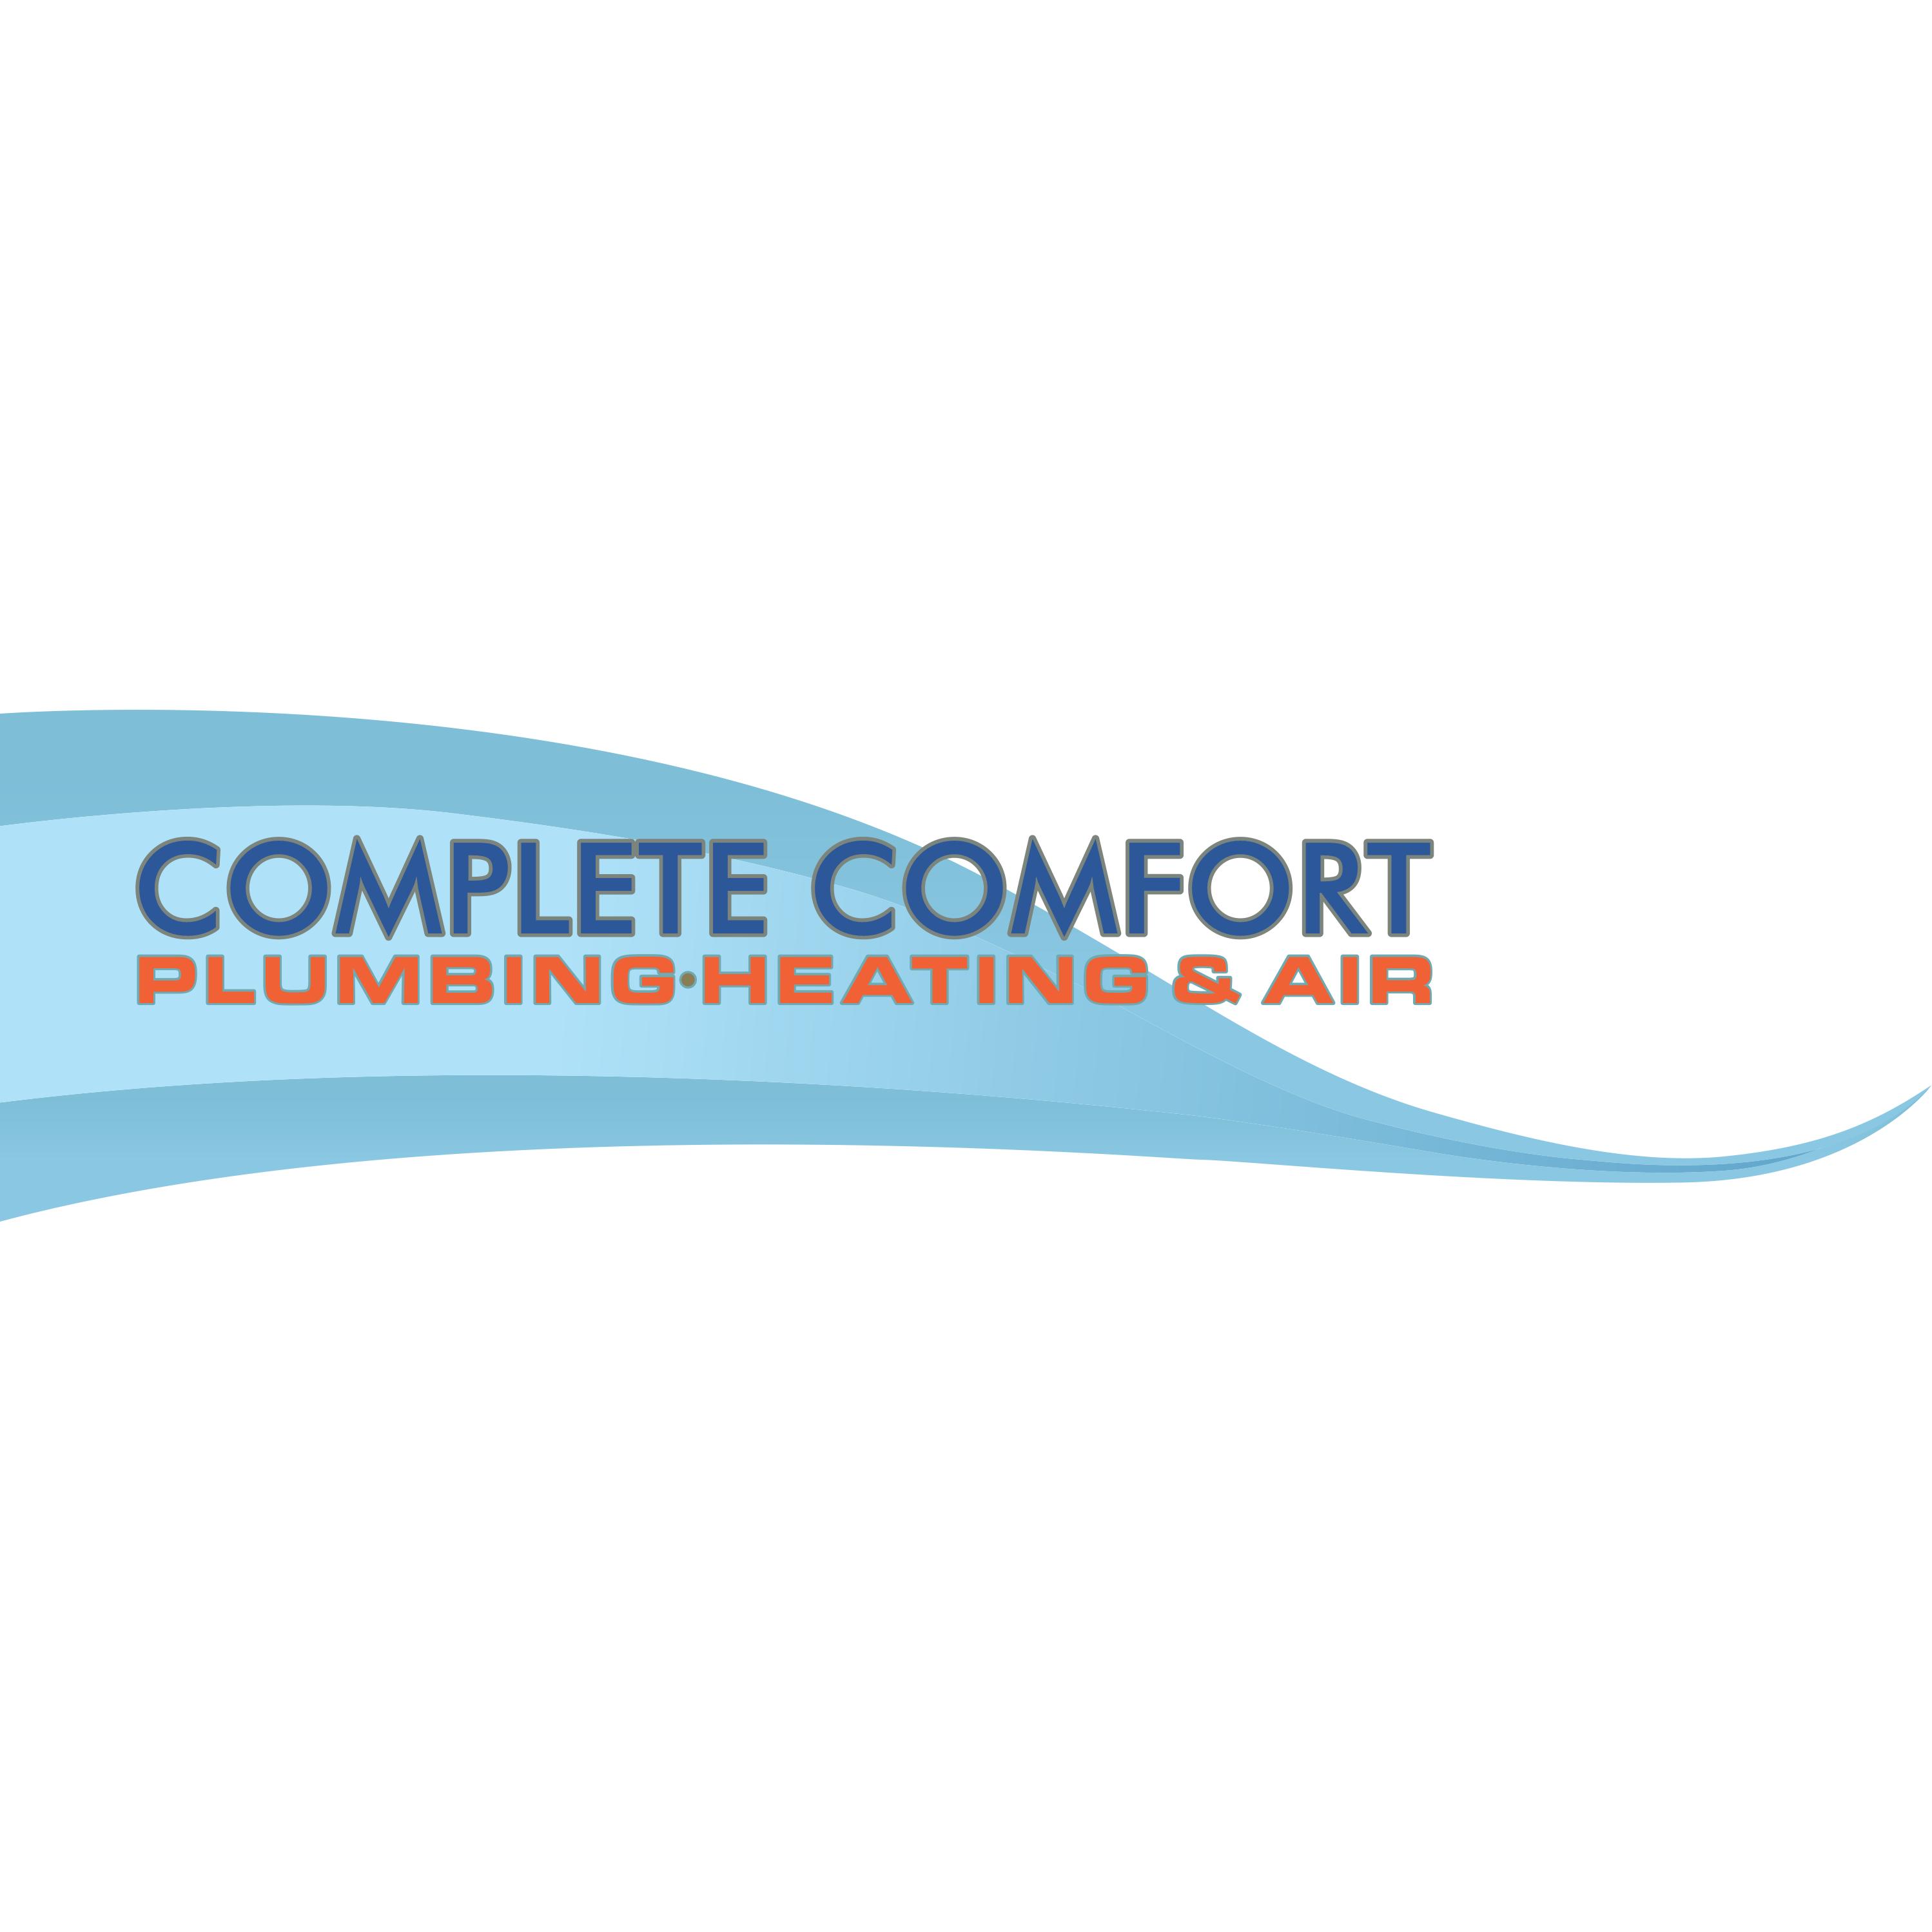 Complete Comfort Plumbing Heating & Air